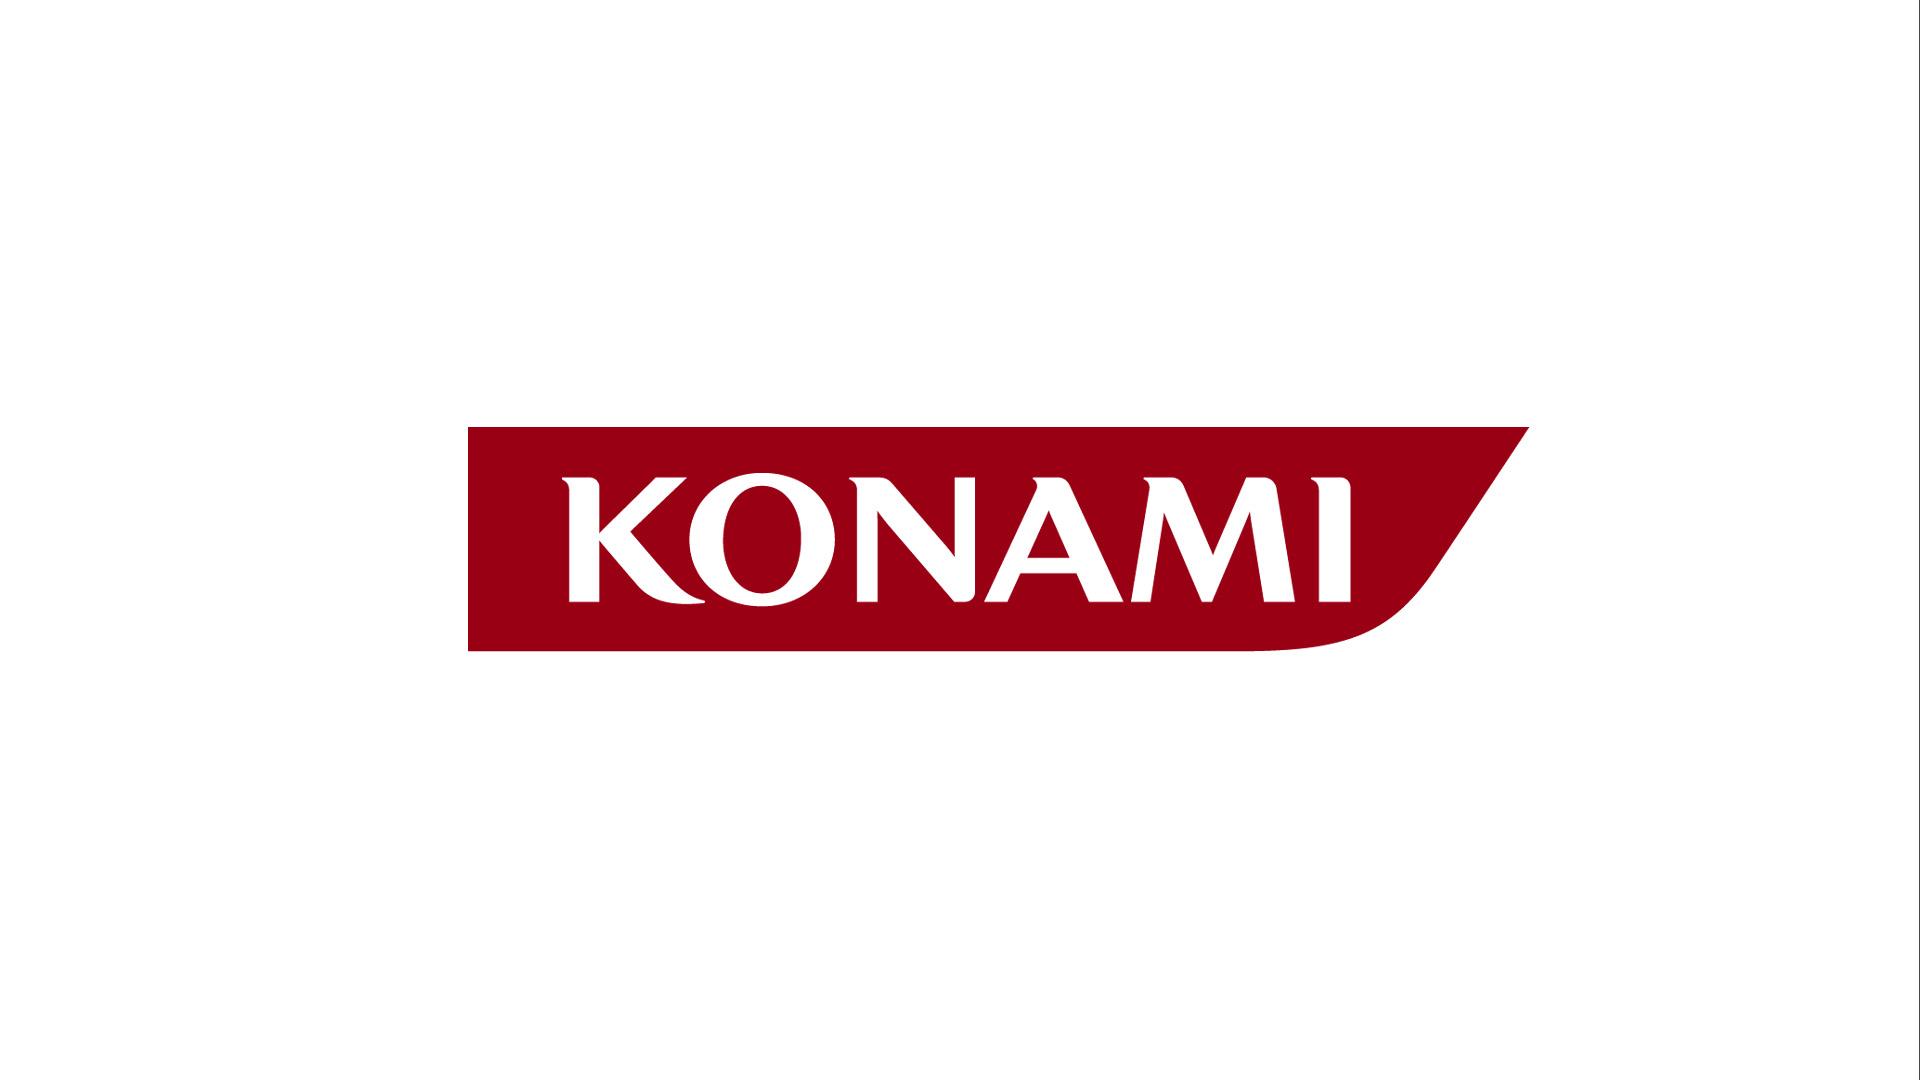 konami-76109